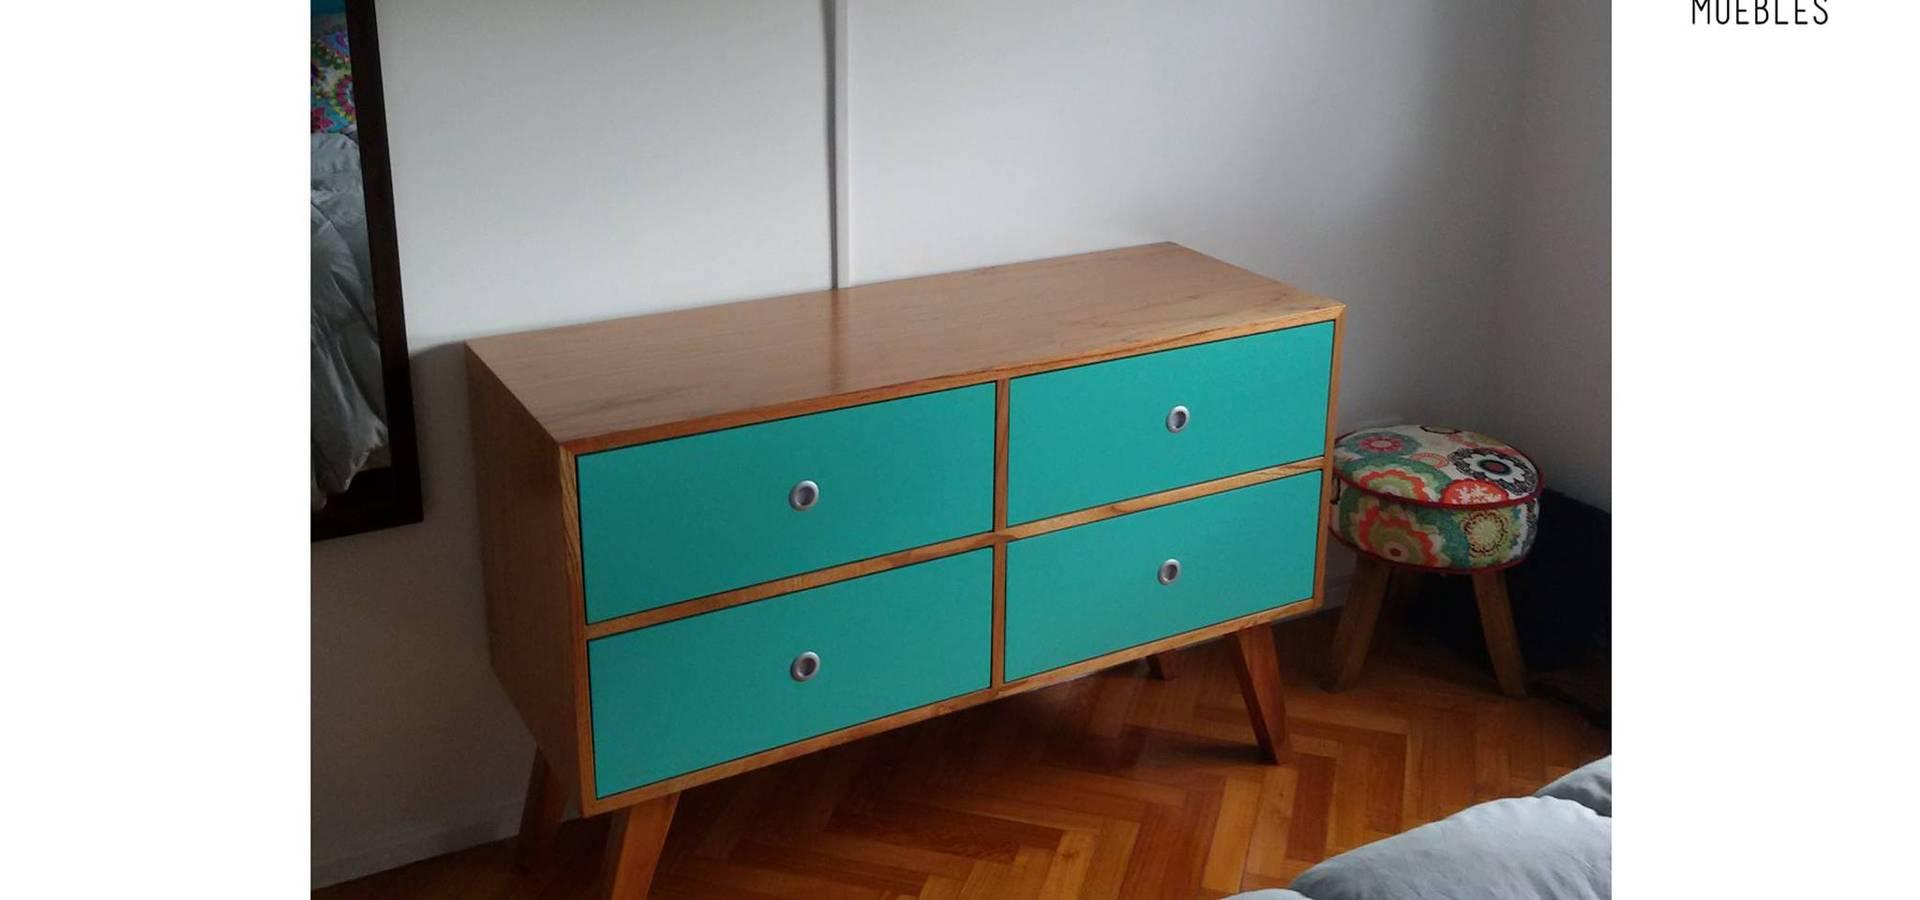 Comoda Para So Y Mesas De Luz De Equilibrio Muebles Homify # Muebles Equilibrio